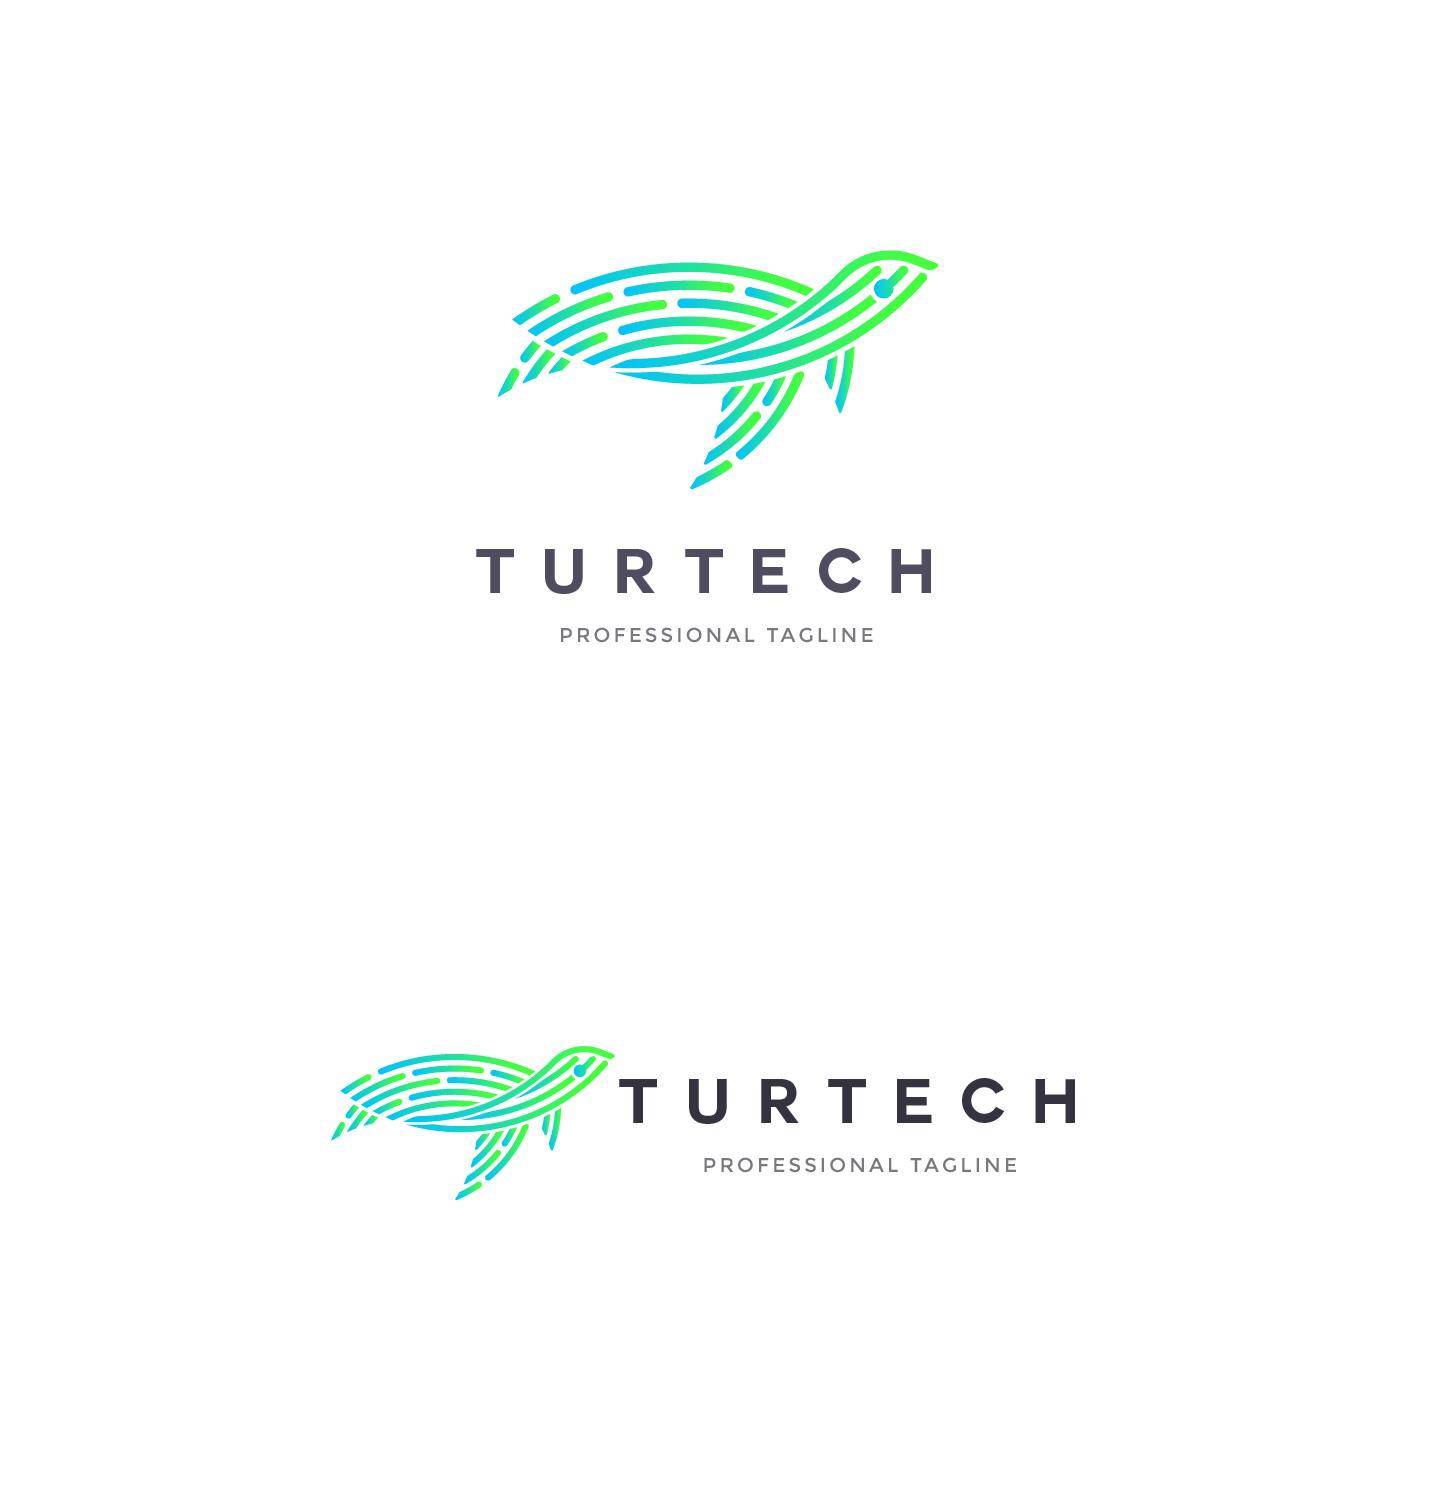 Animal Logo - Turtle Logo example image 2